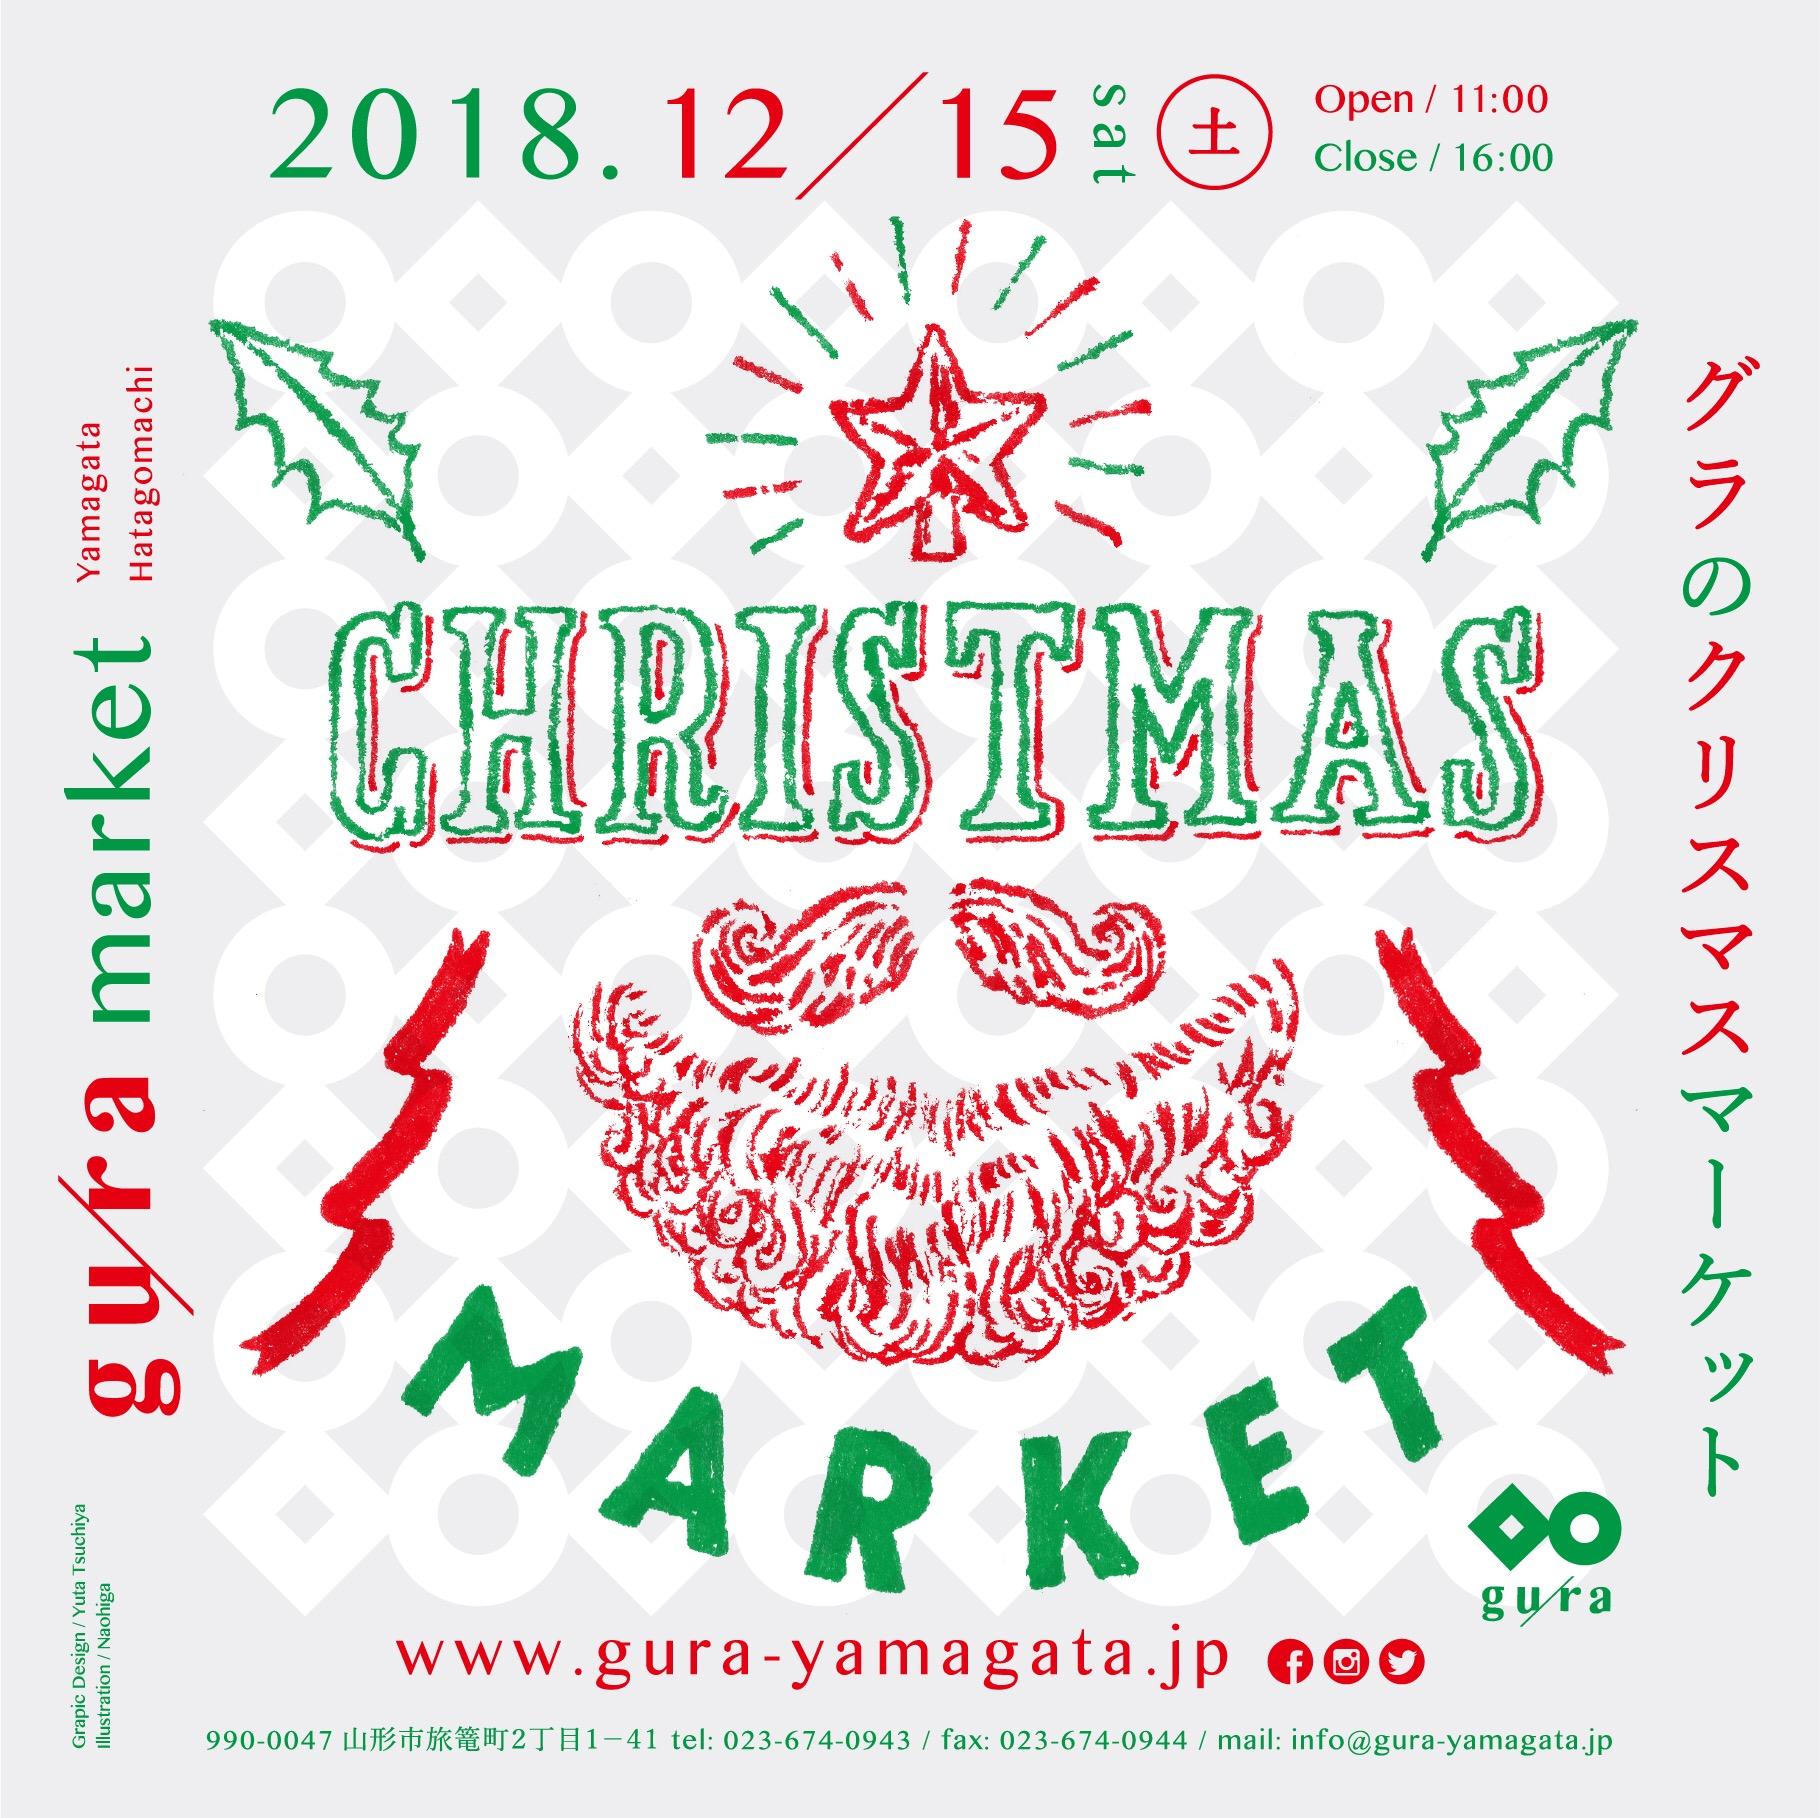 12/15(土)gura クリスマスマーケット